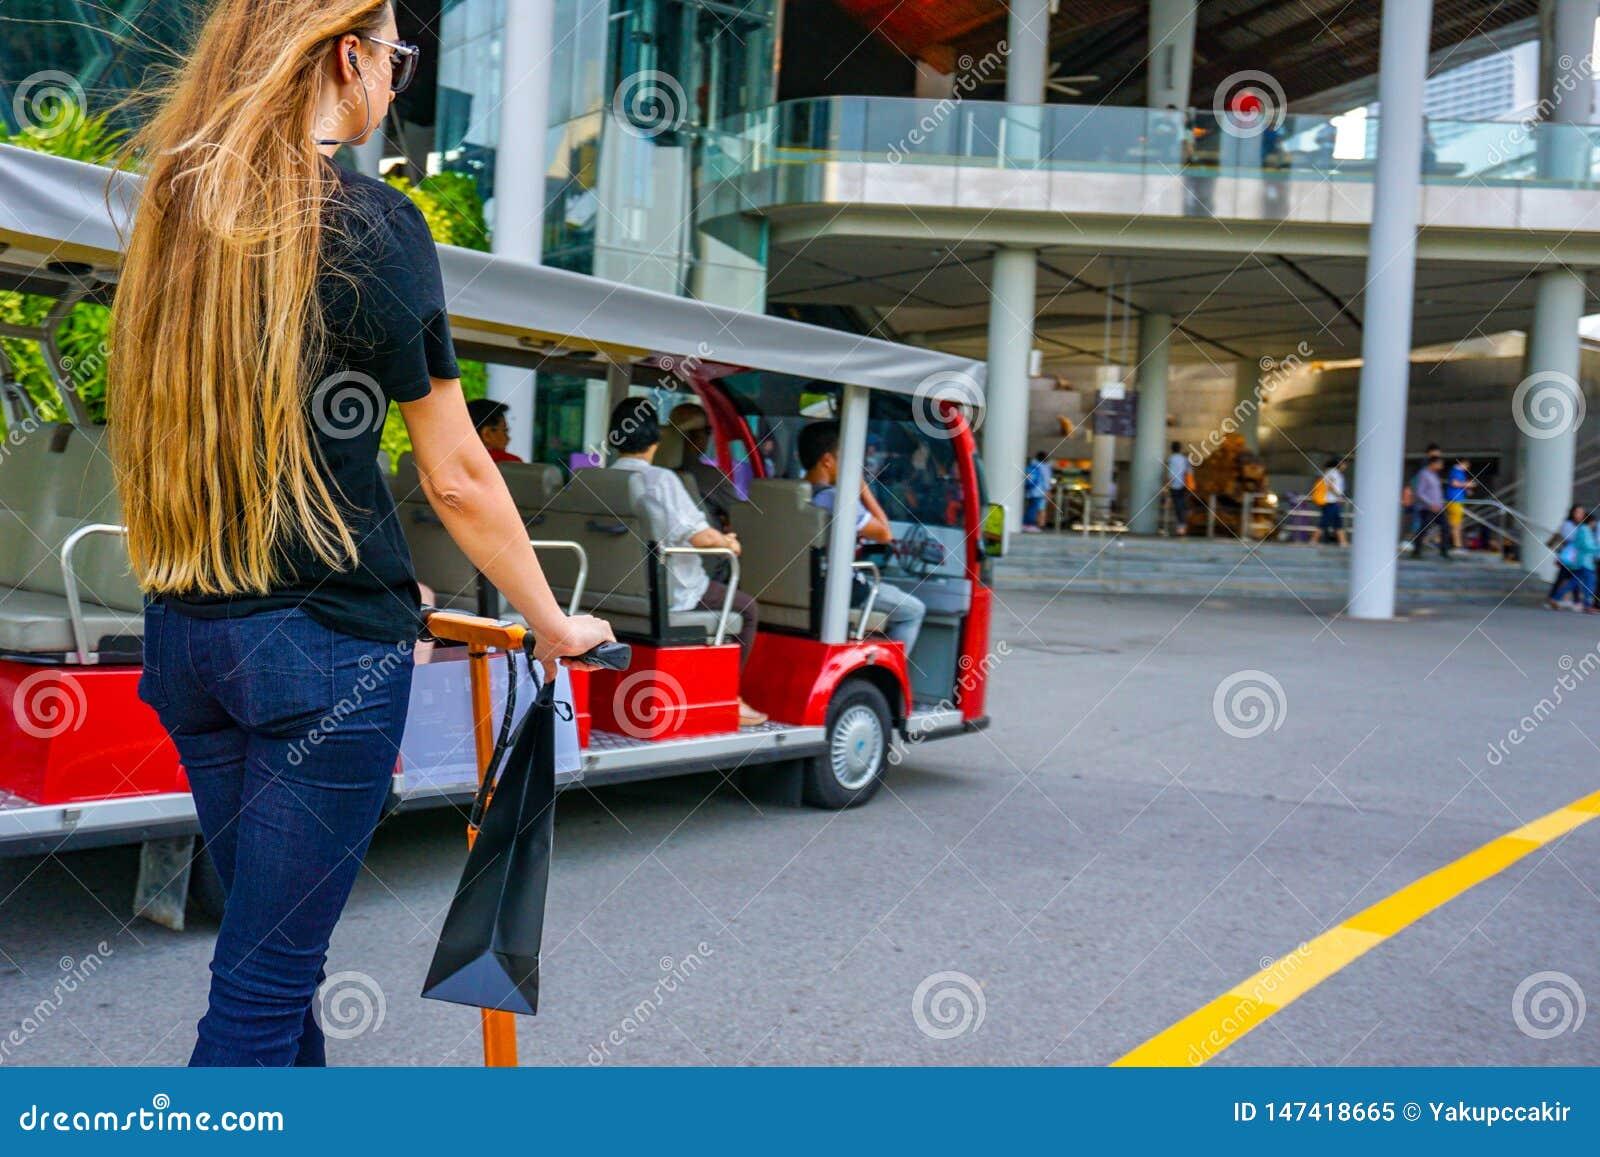 Jonge vrouw met lange haren op elektrische autoped Het meisje op de elektrische autoped drinkt koffie